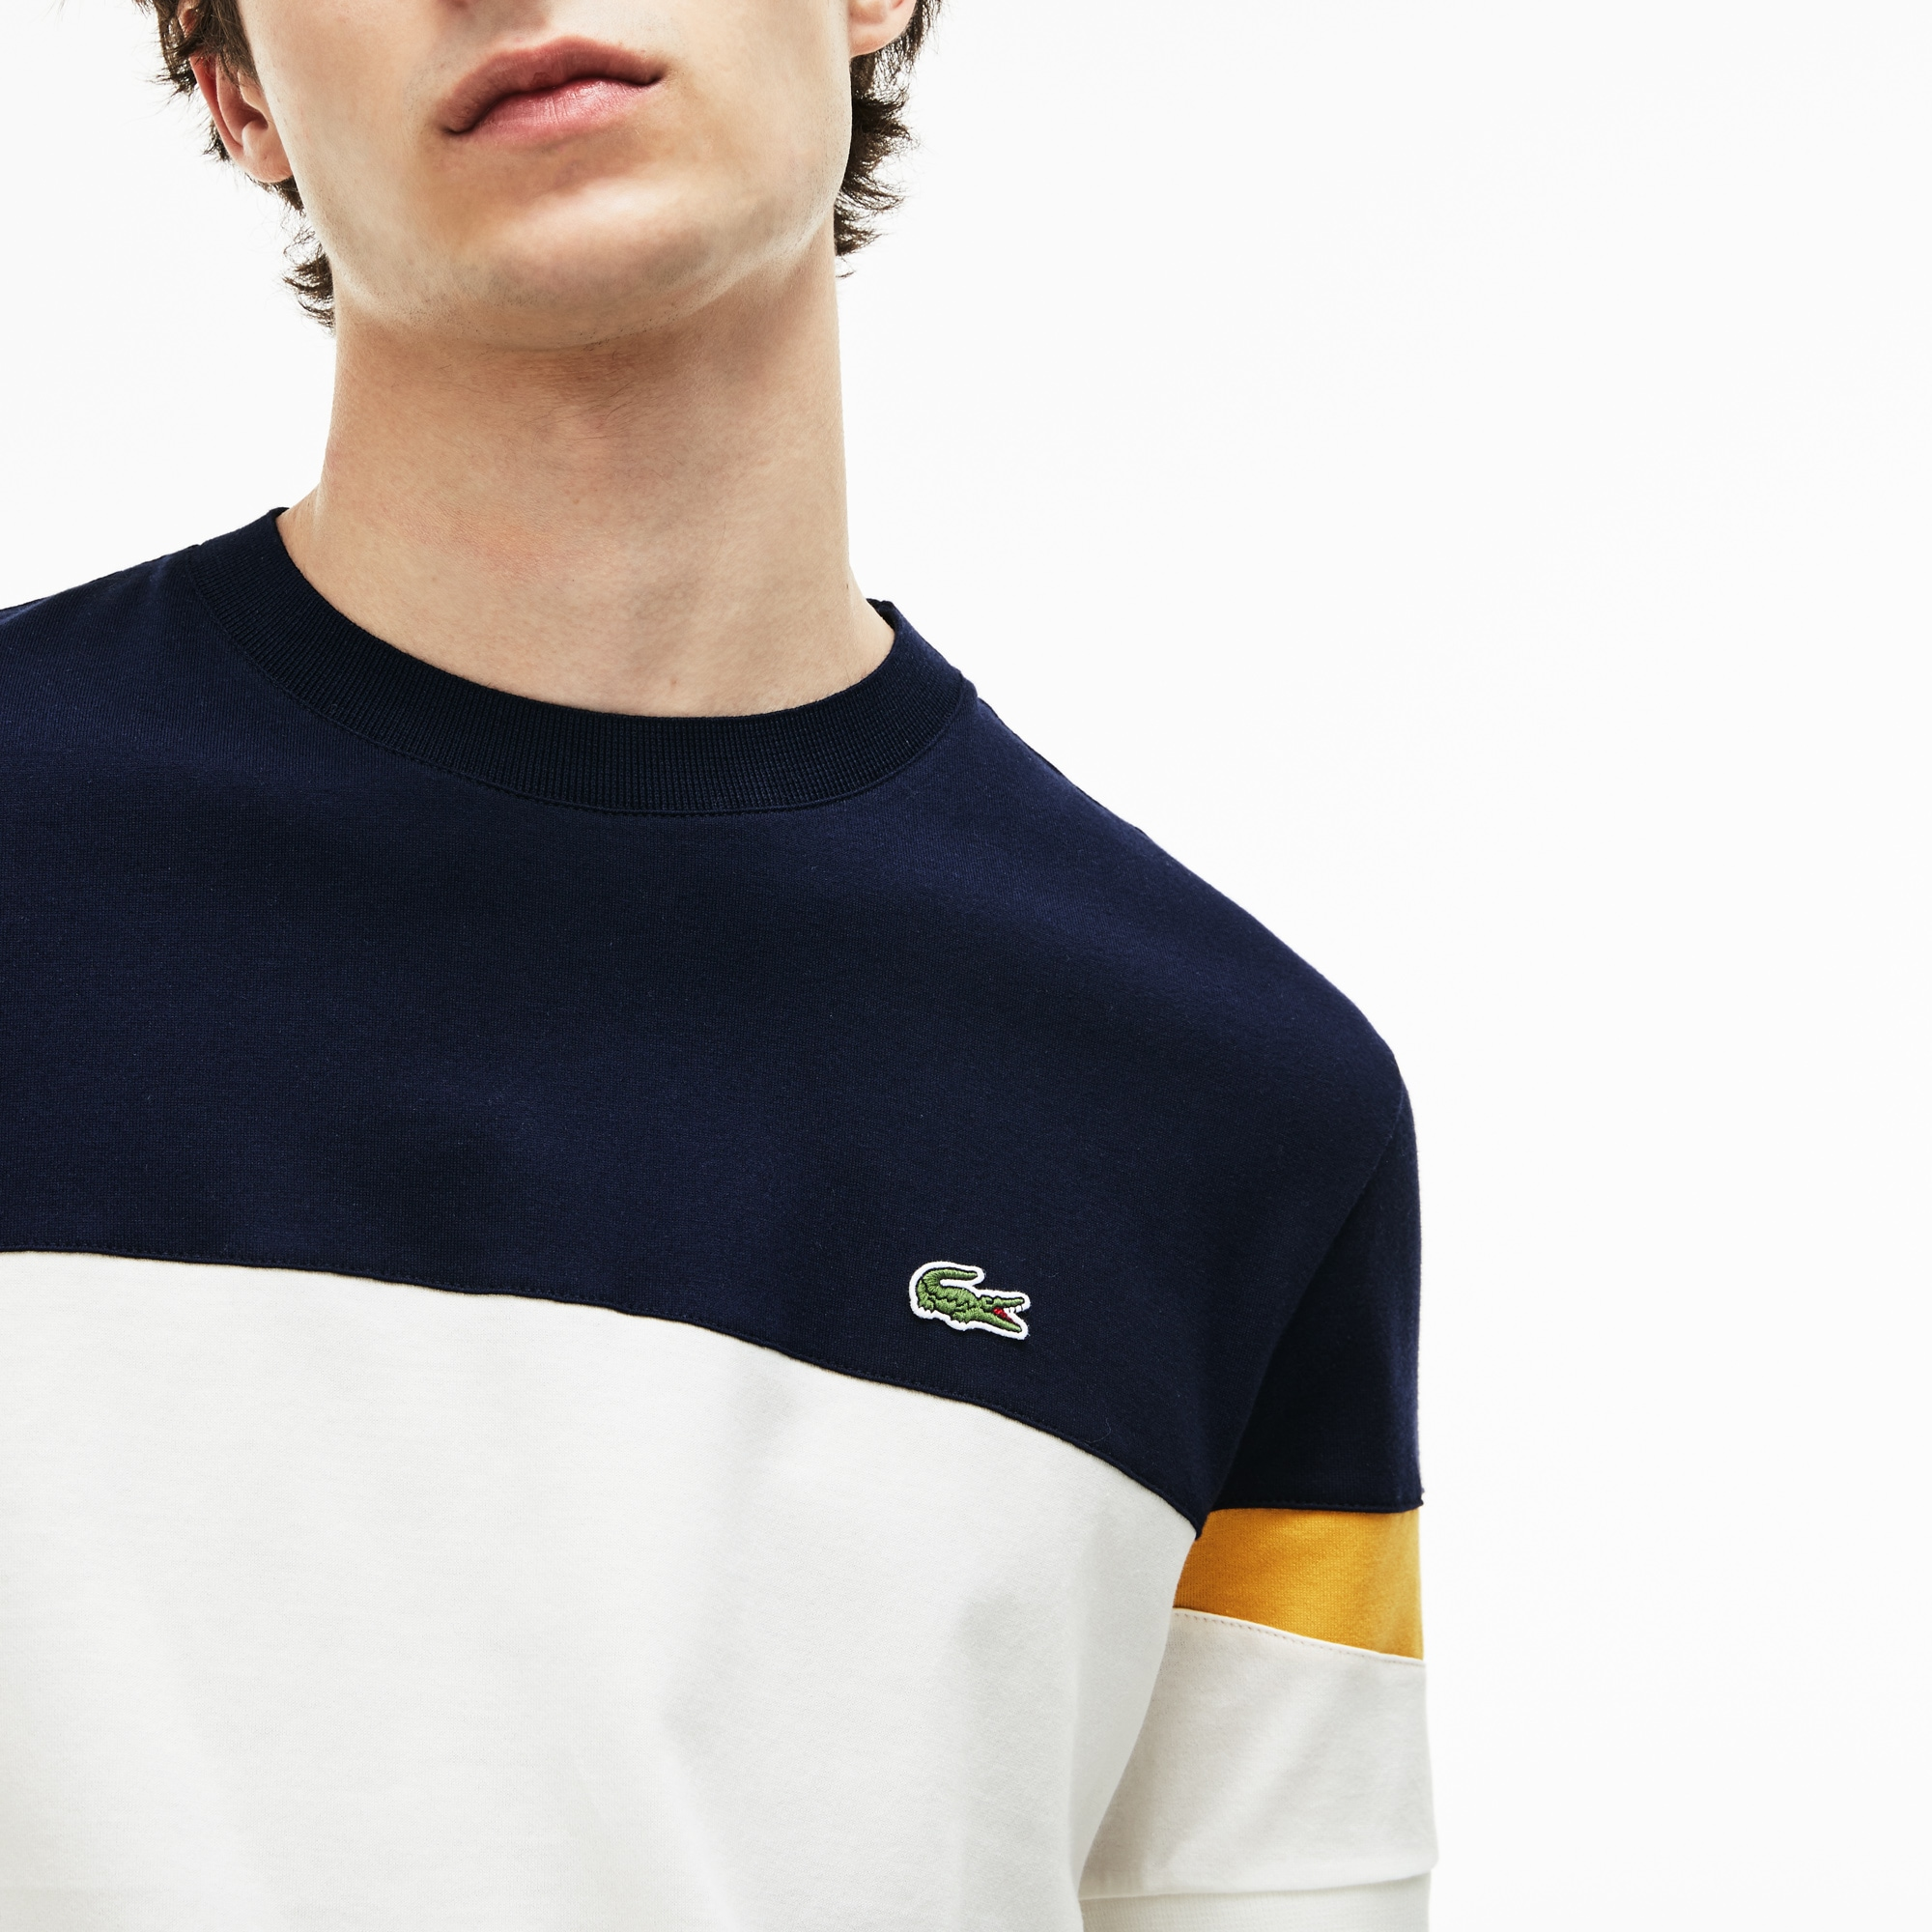 Lacoste - Herren Rundhals-Shirt aus Jersey im Colorblock-Design - 1